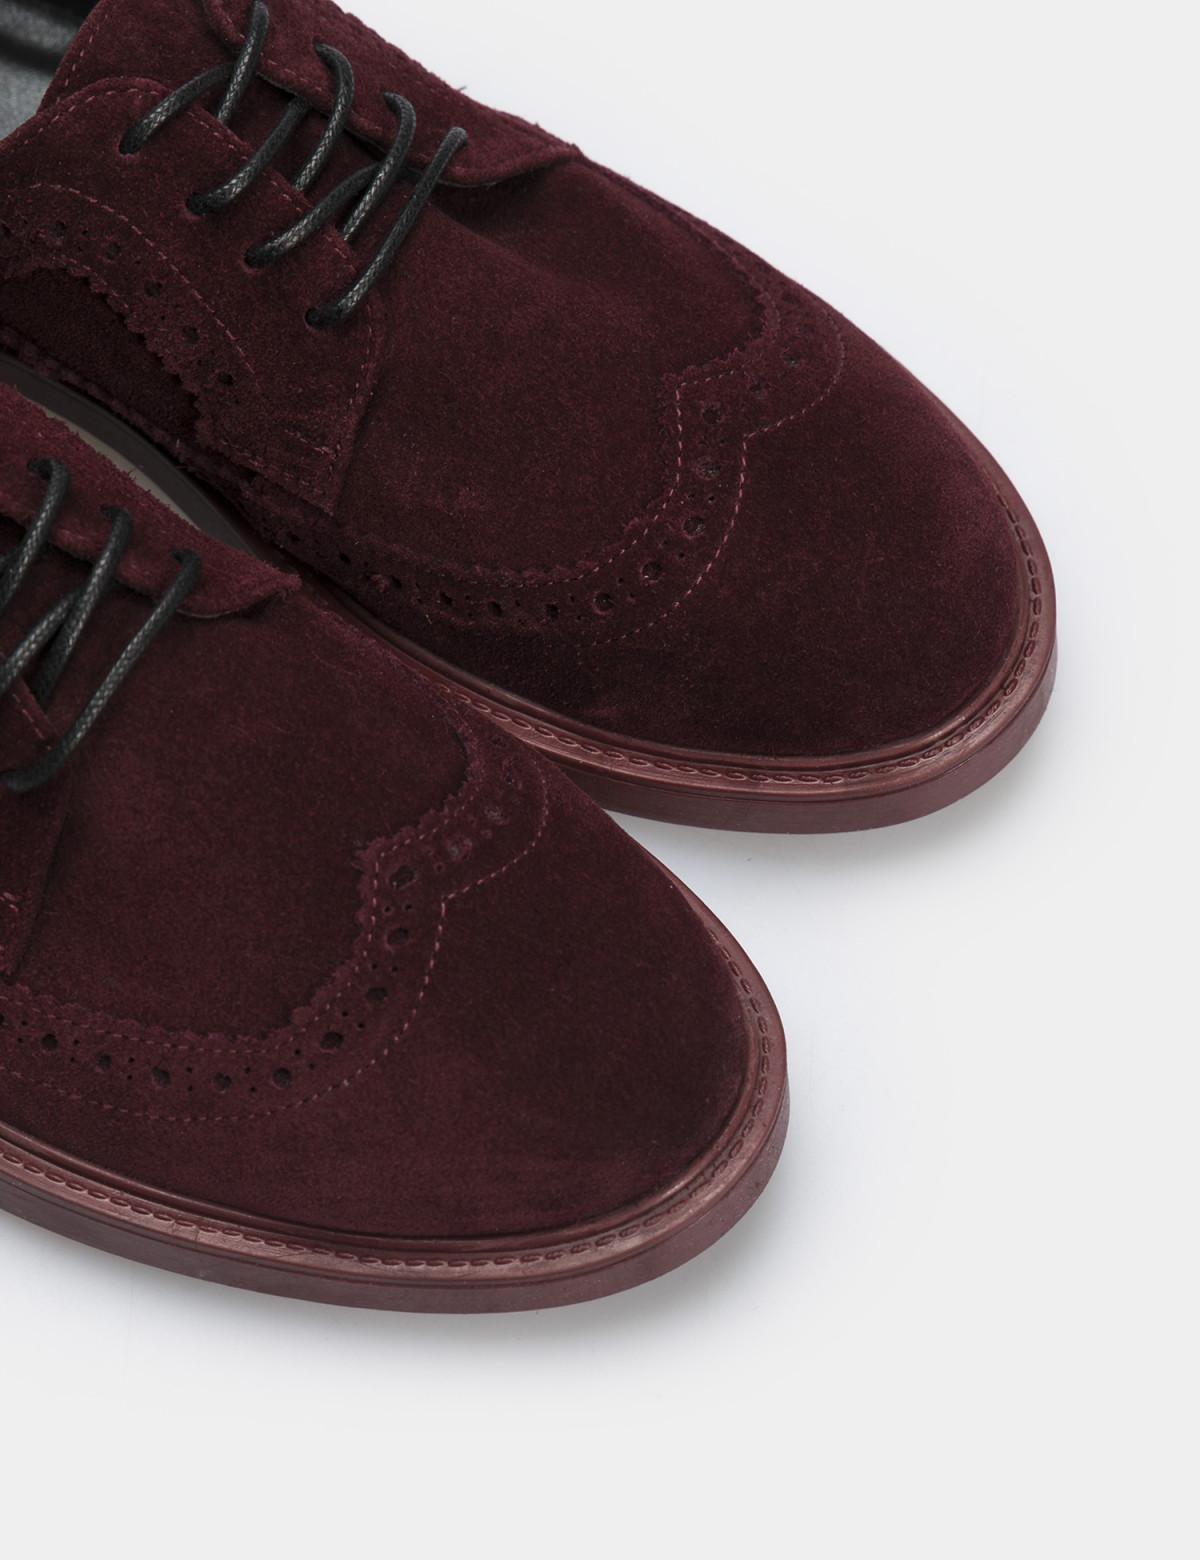 Туфли бордовые, натуральная замша4